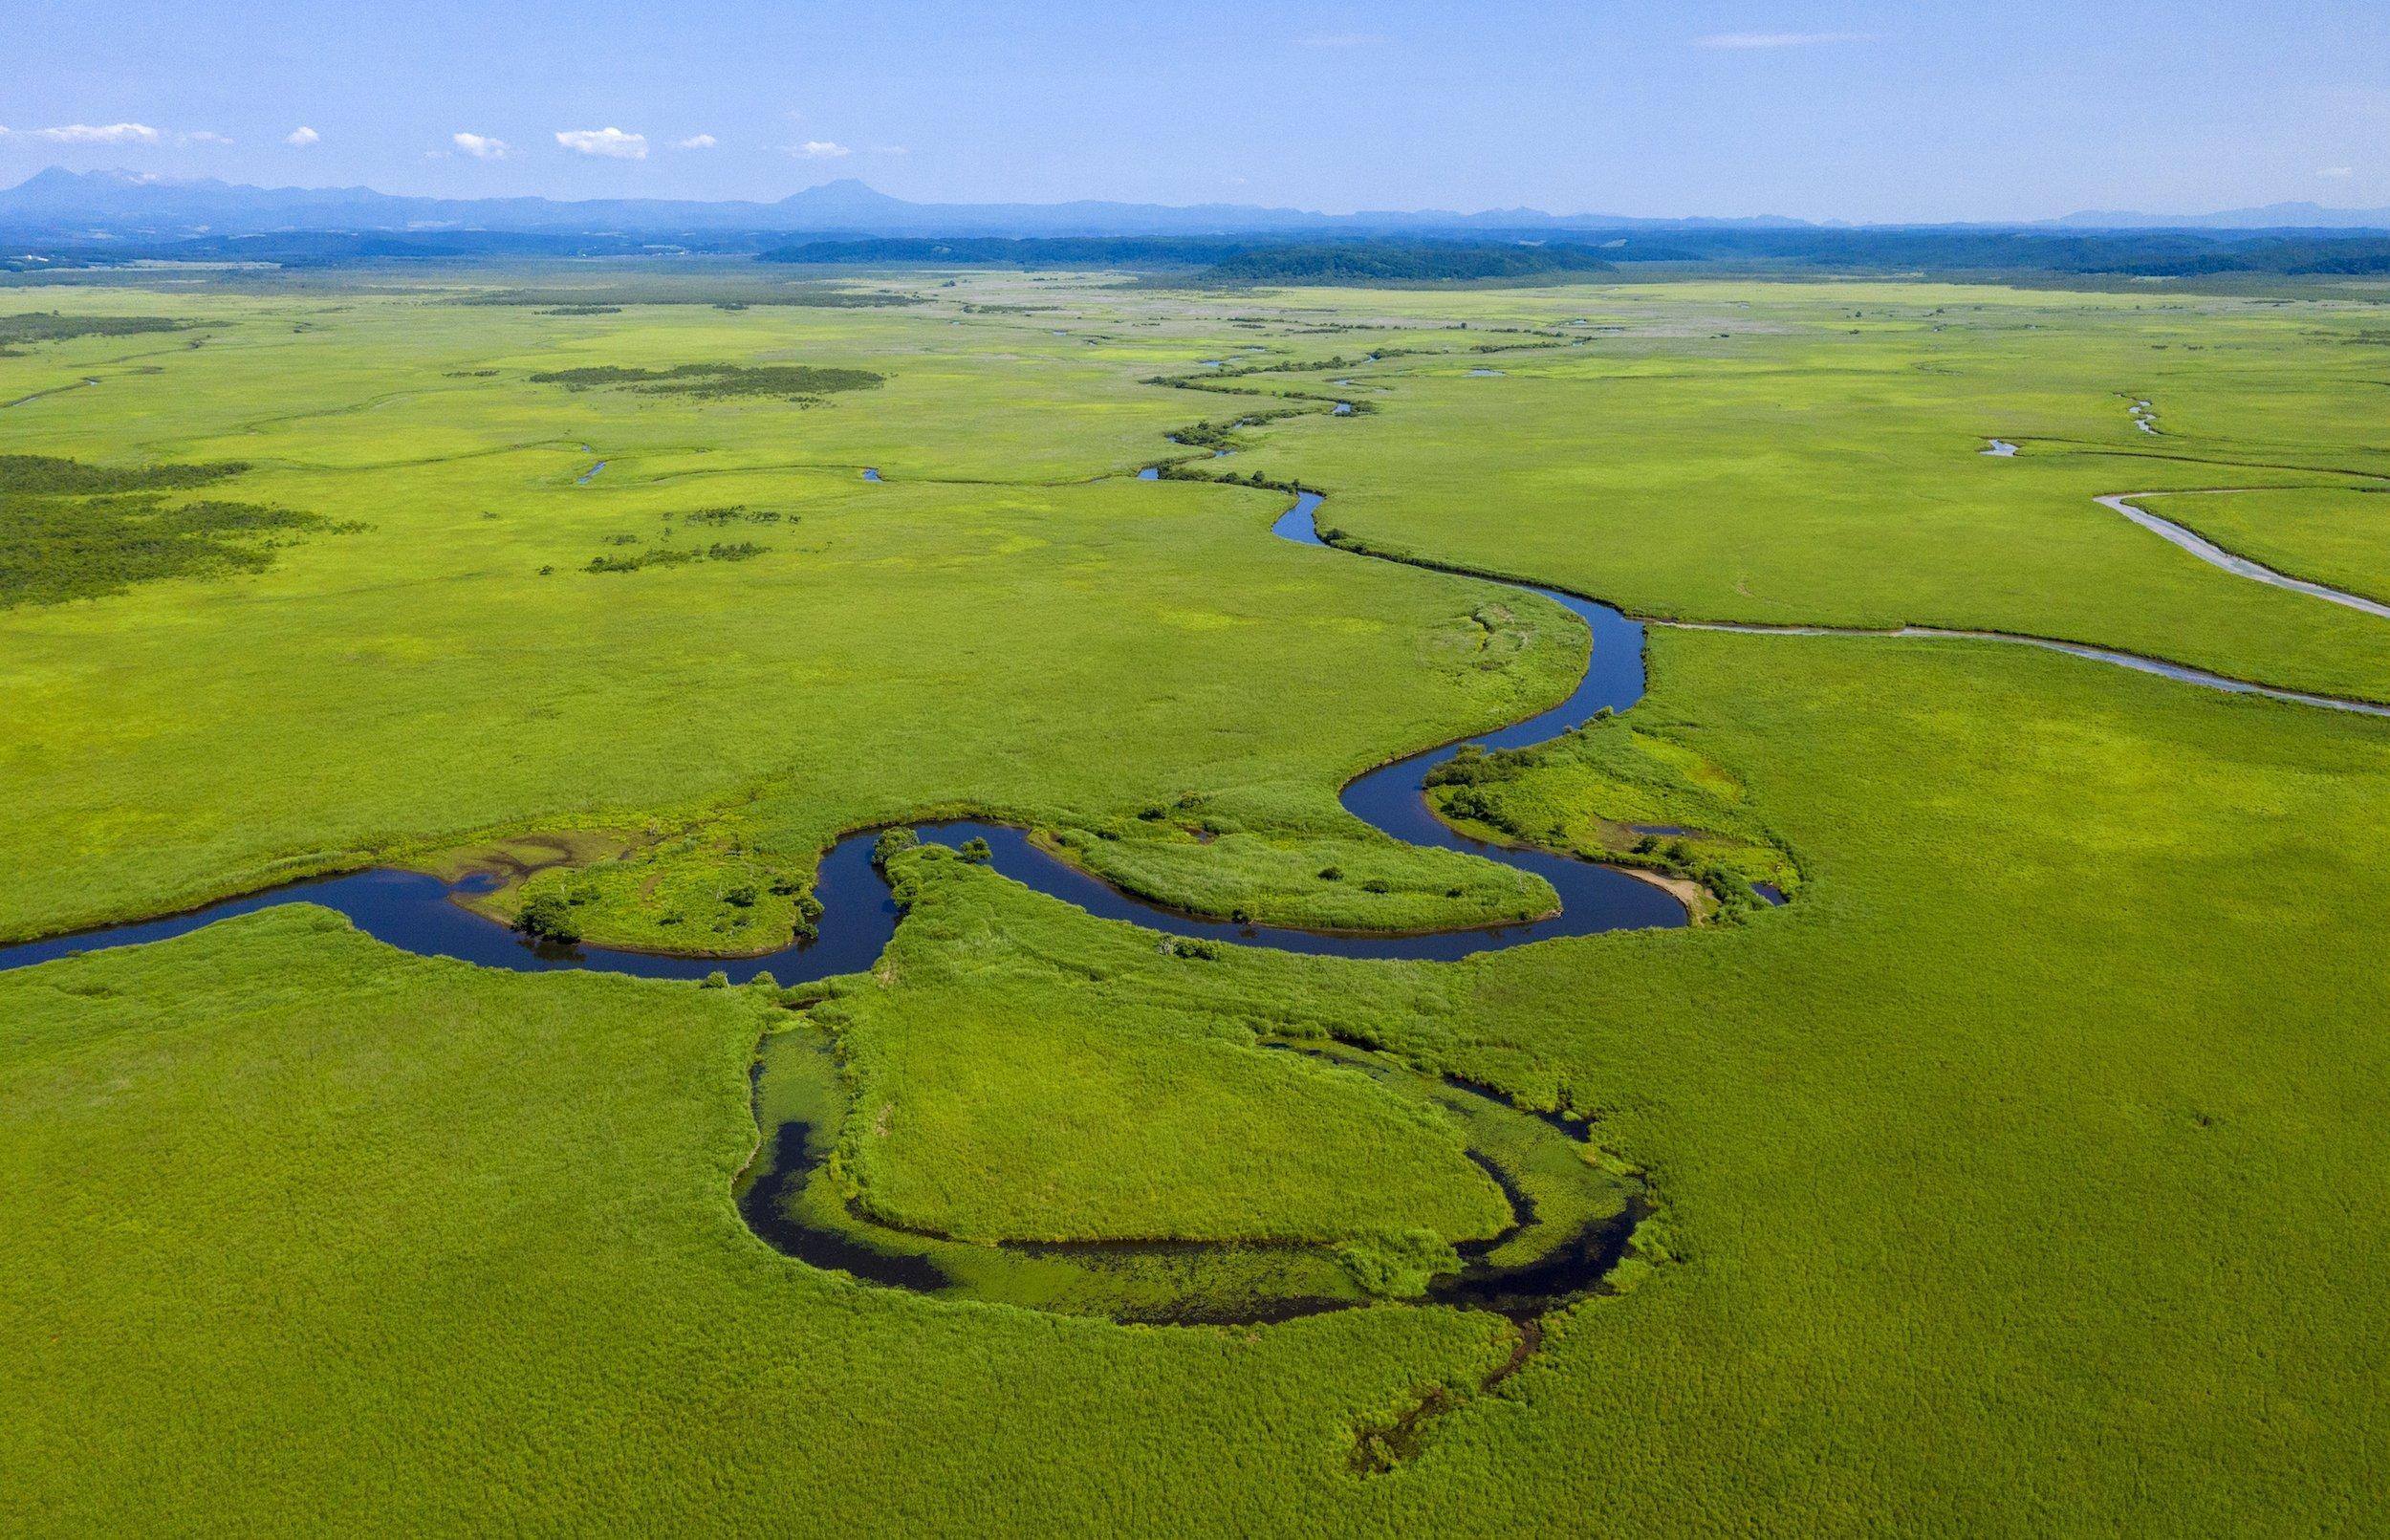 Eine riesige grüne Sumpflandschaft, durch die sich ein Fluss schlängelt